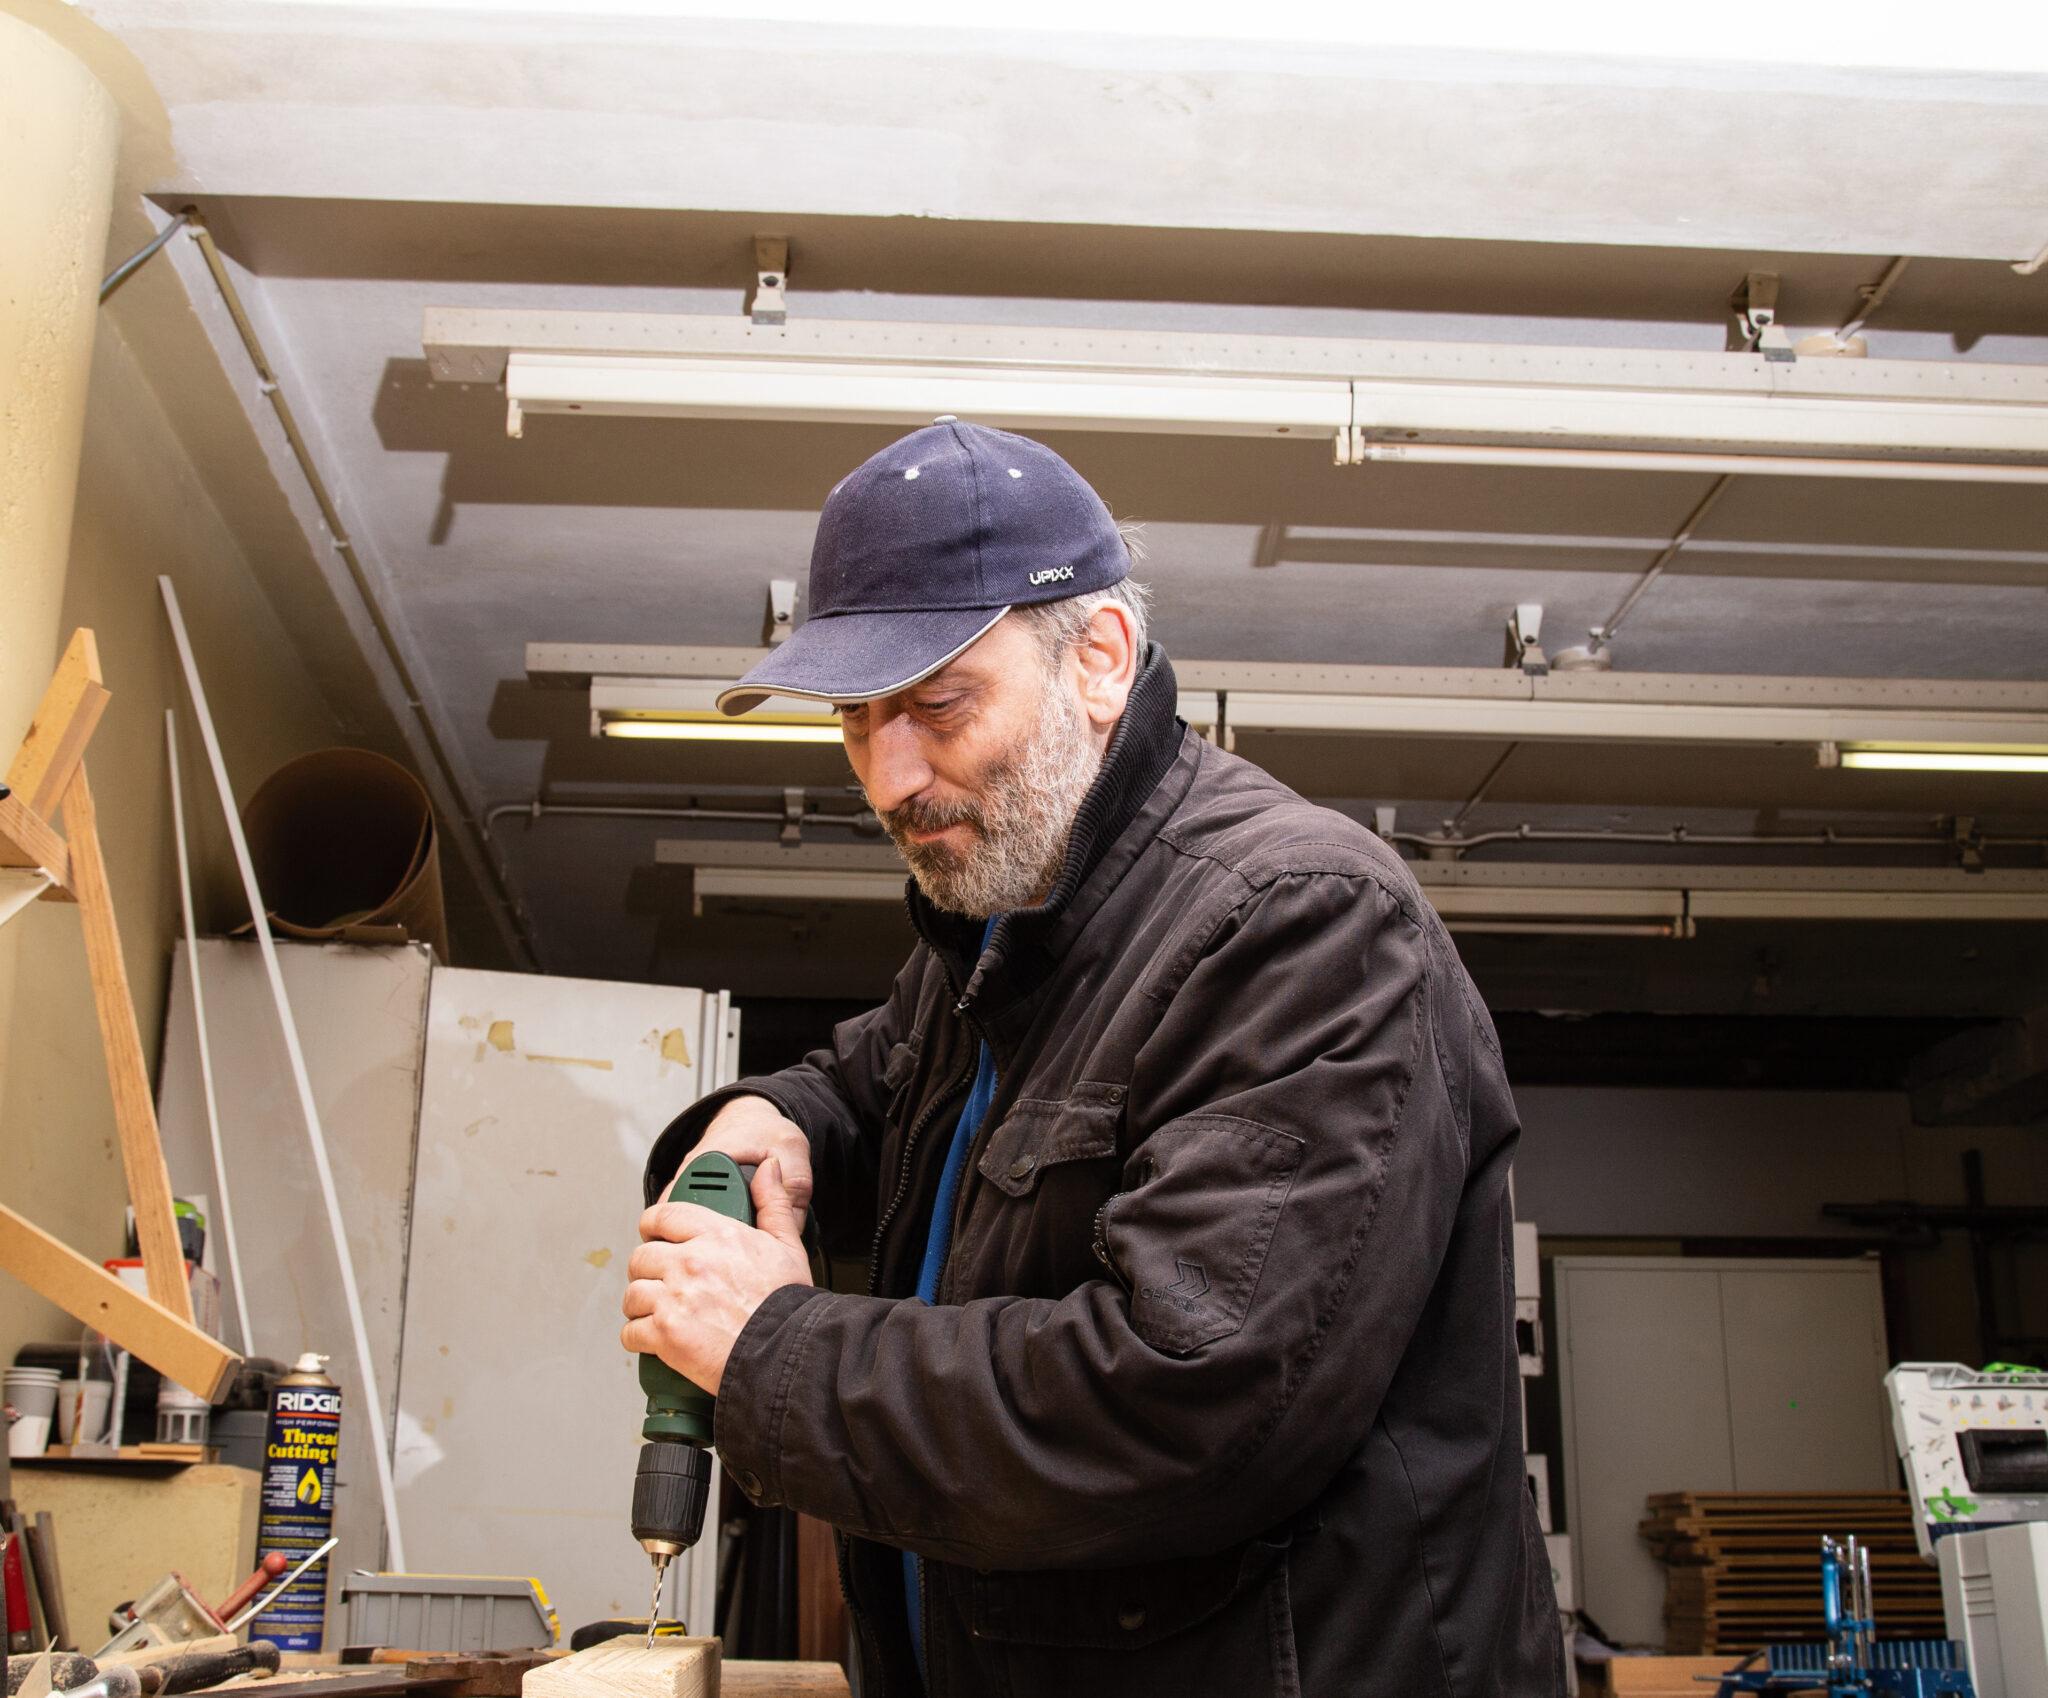 Hier staat een man met blauwe pet in een werkruimte. Hij gebruikt een boor om een gat te maken in een stuk hout. Om hem heen staat gereedschap.